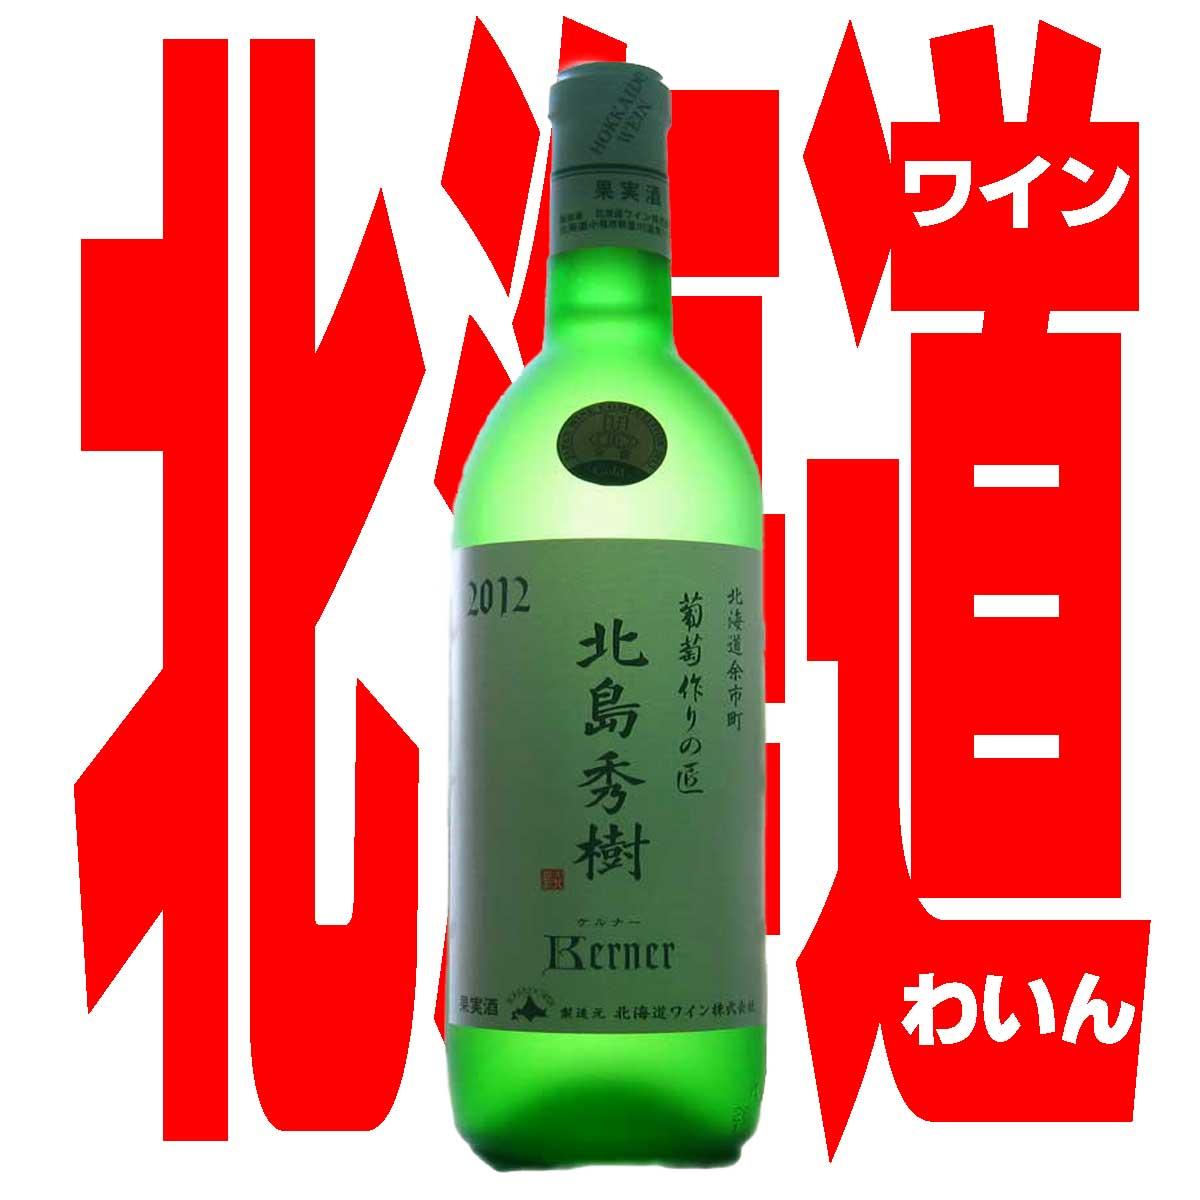 ☆ 葡萄造りの匠・北島秀樹 ケルナー(白・辛口)